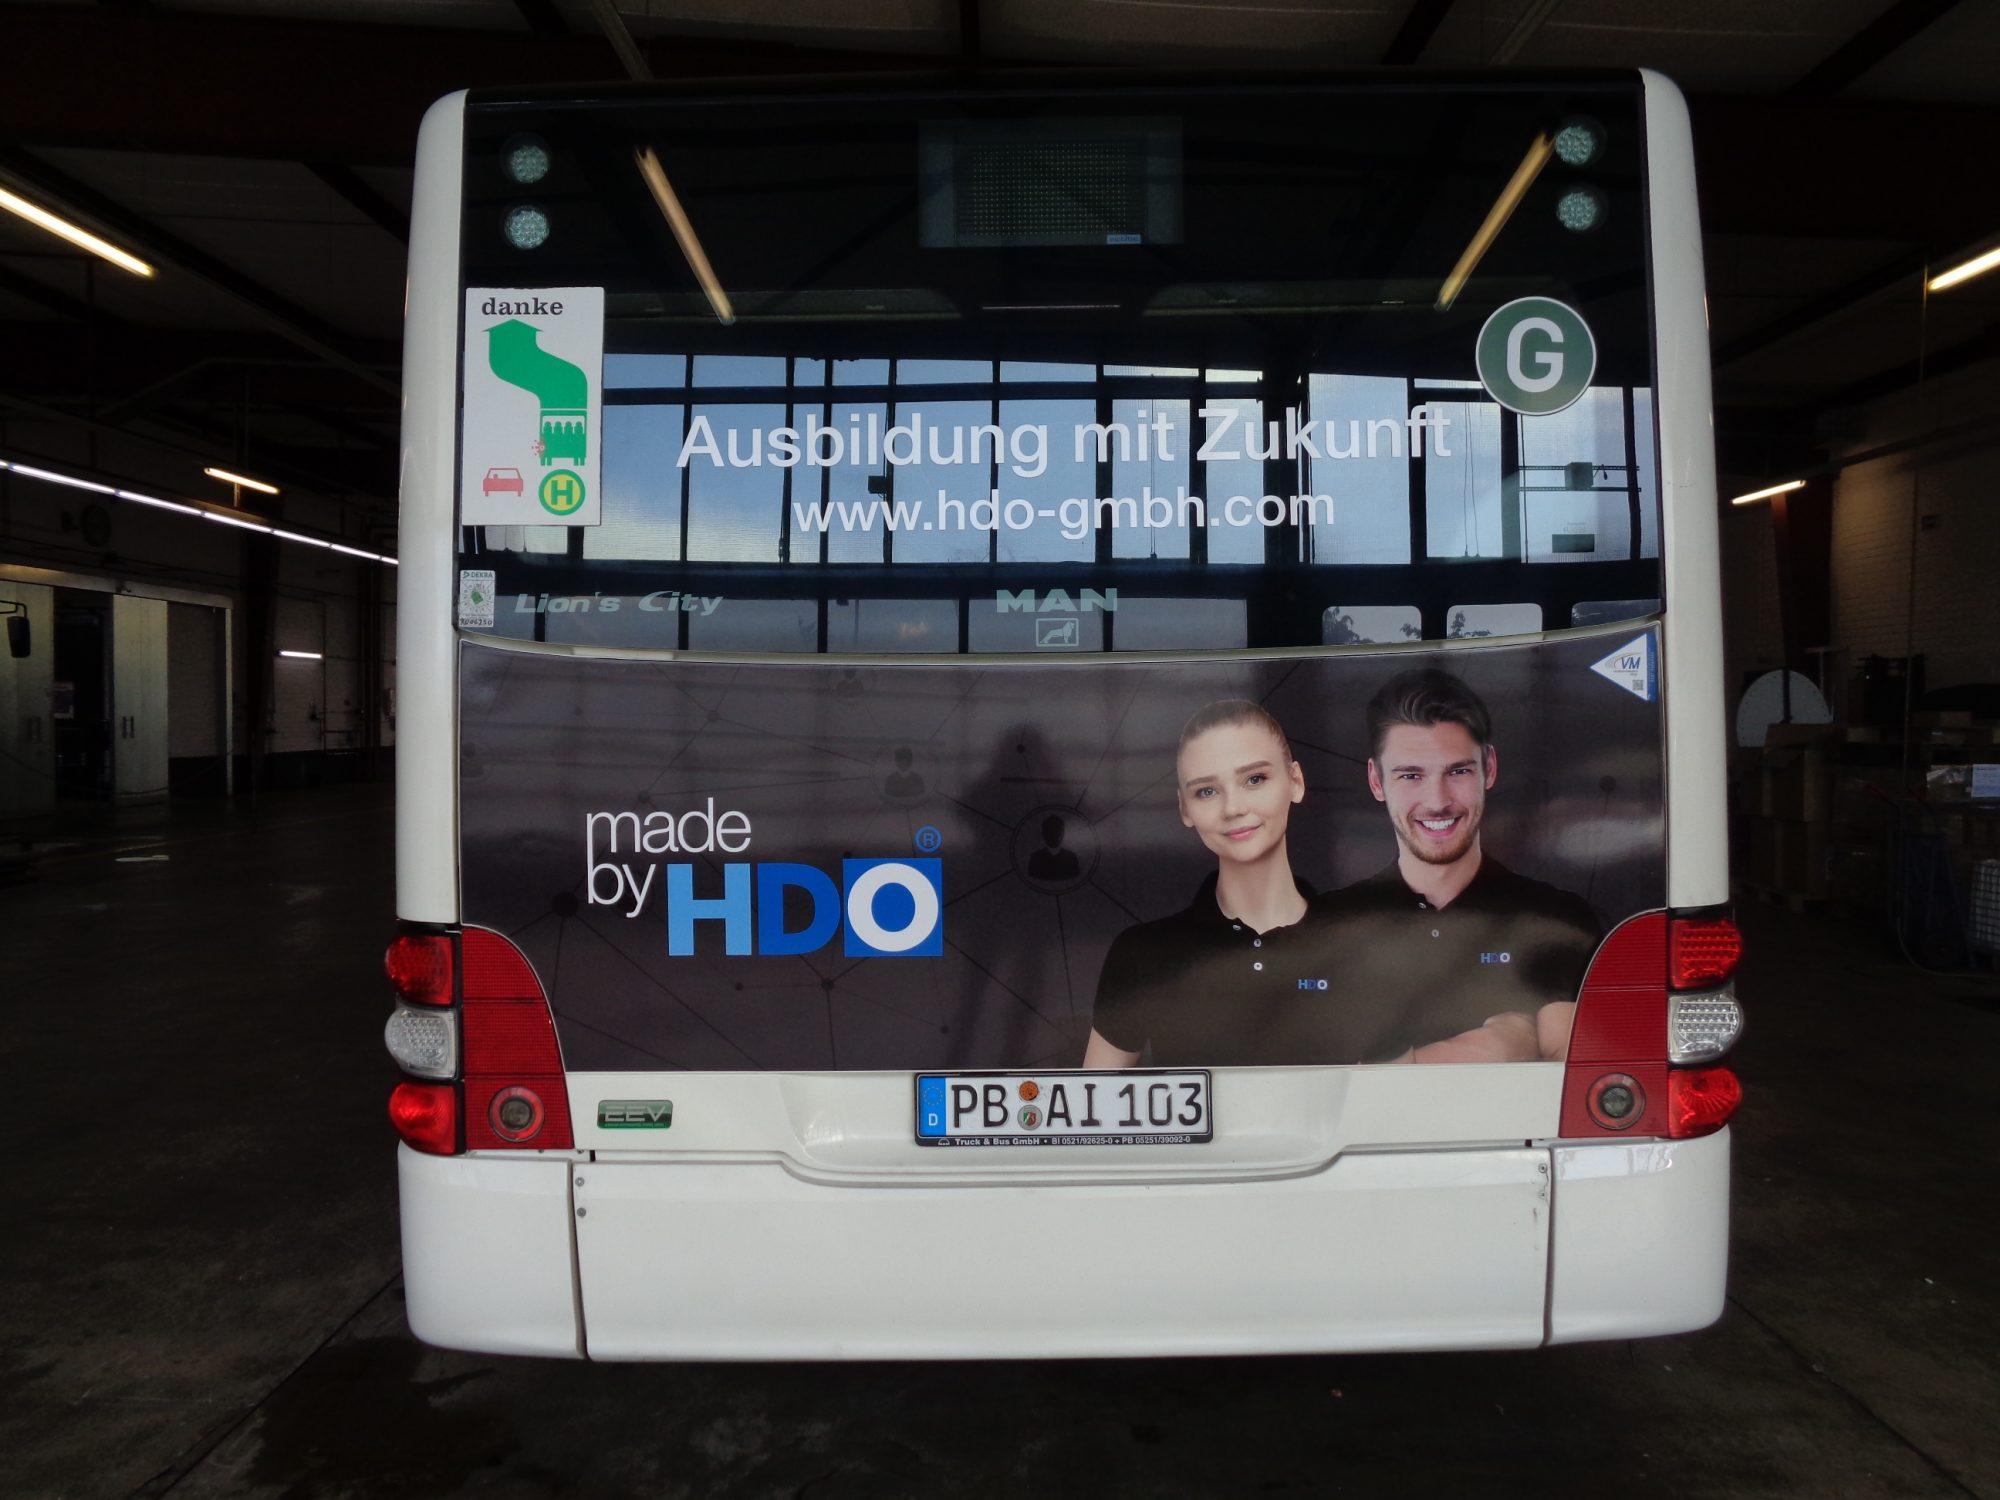 Rückseite des Busses mit der HDO Verkehrsmittelwerbung